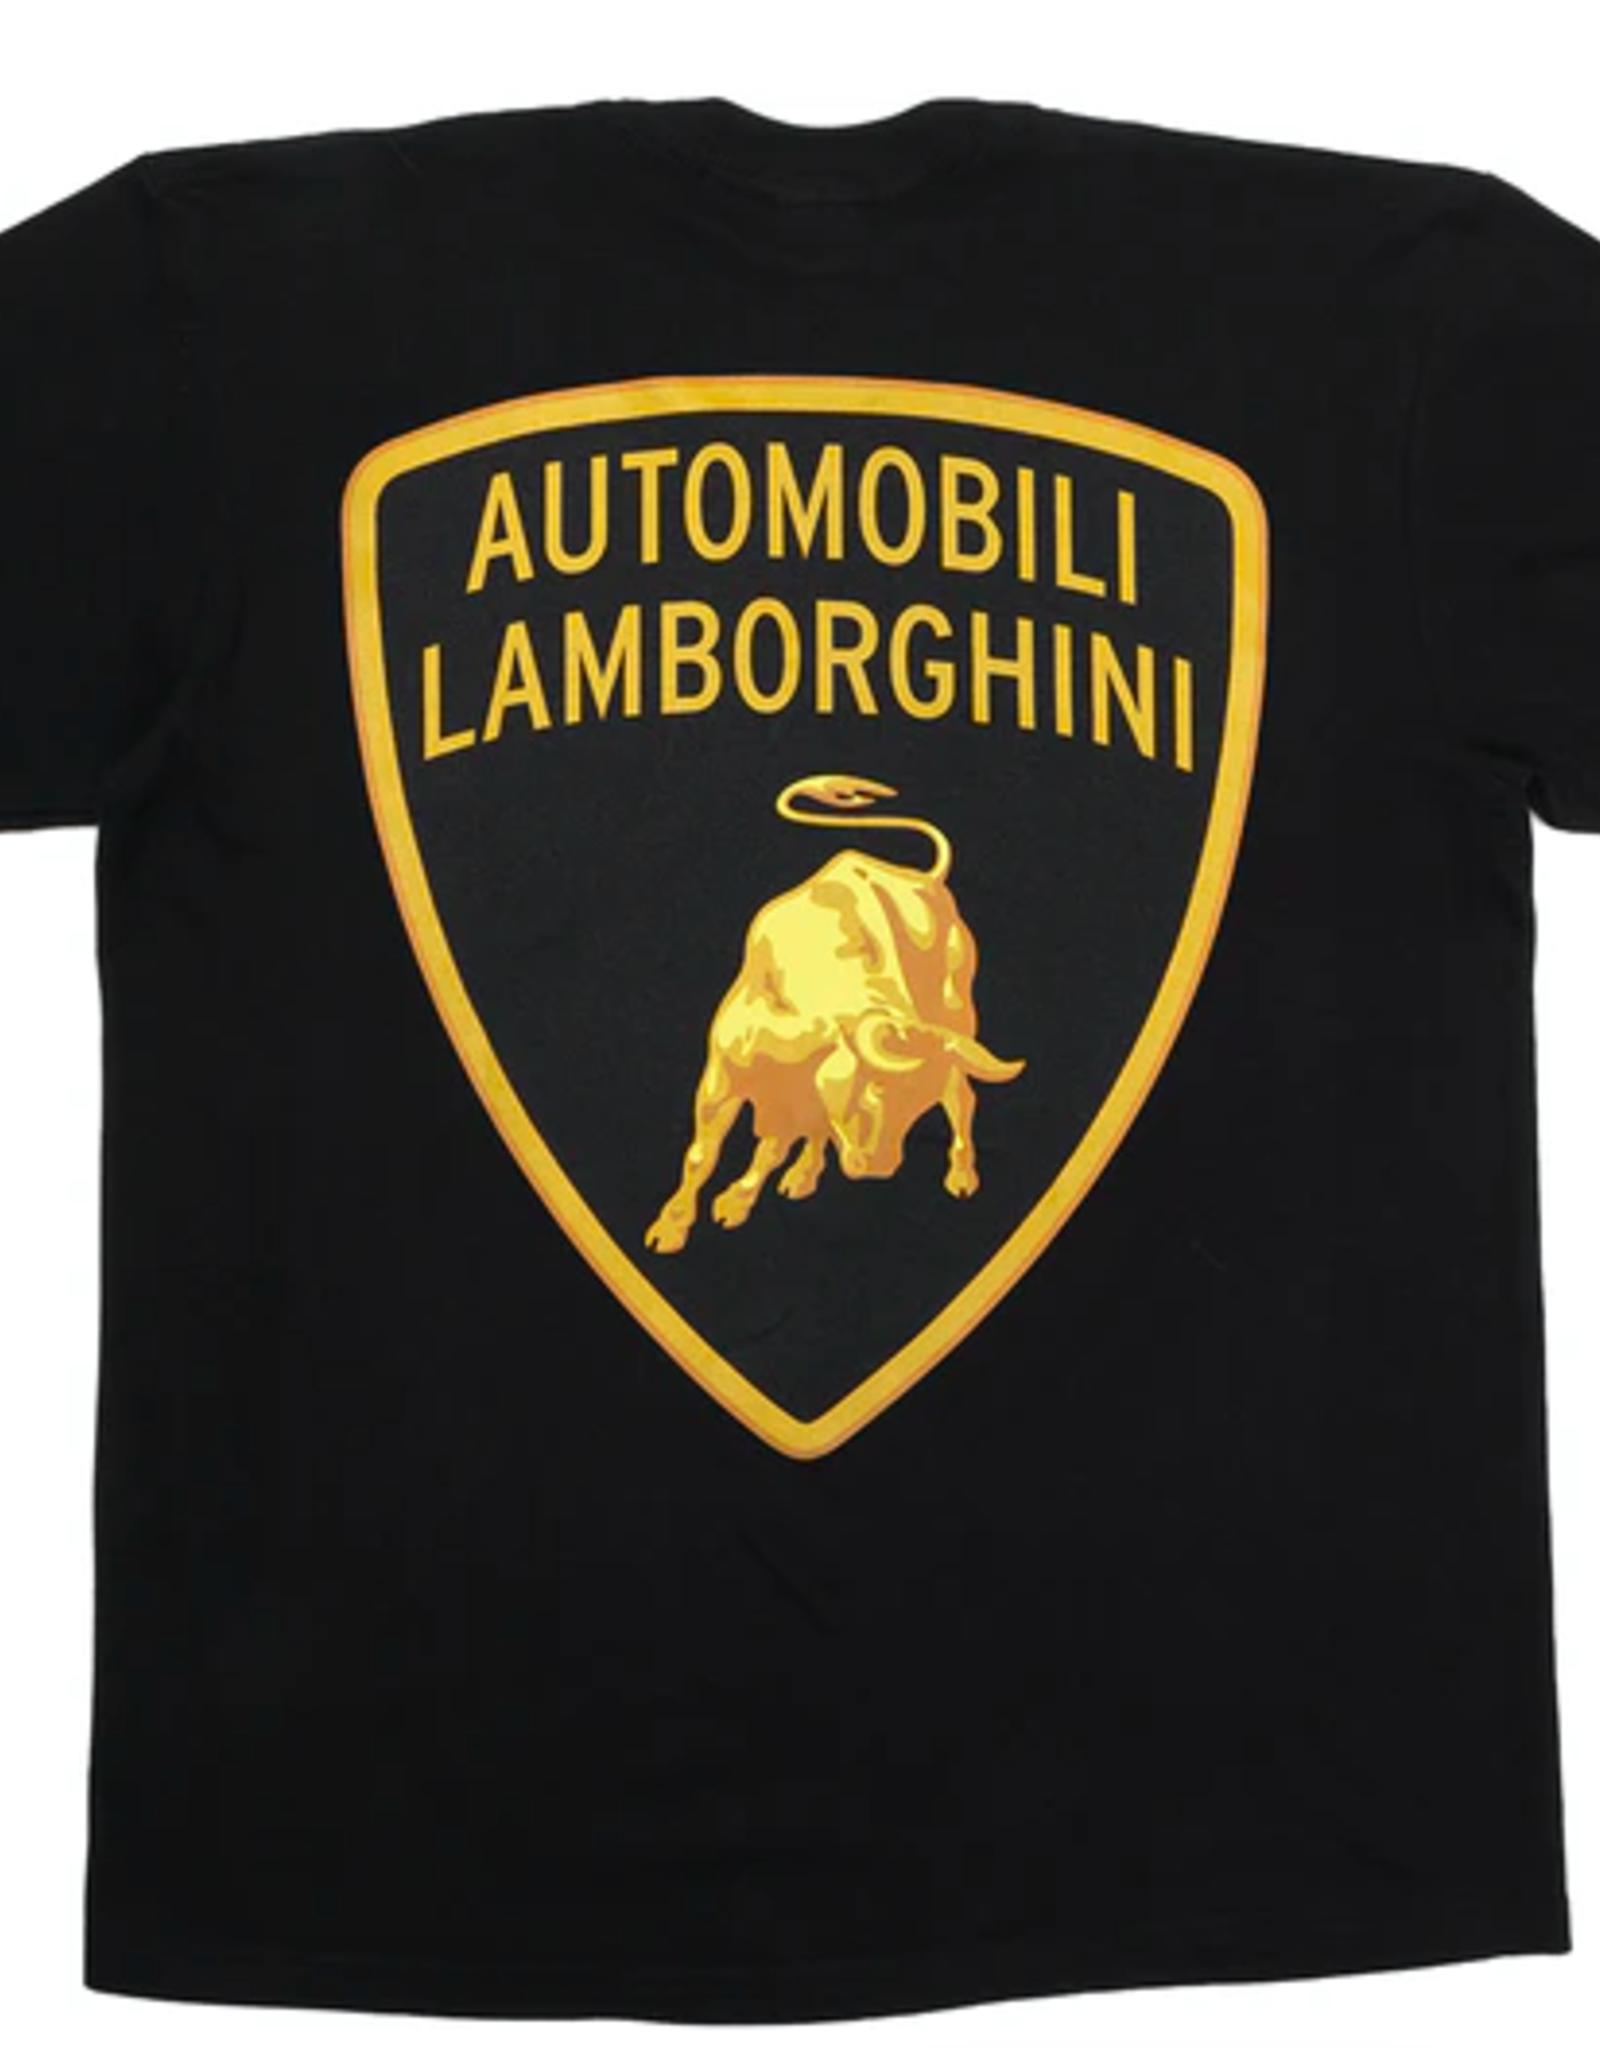 SUPREME Supreme Automobili Lamborghini Tee Black MED